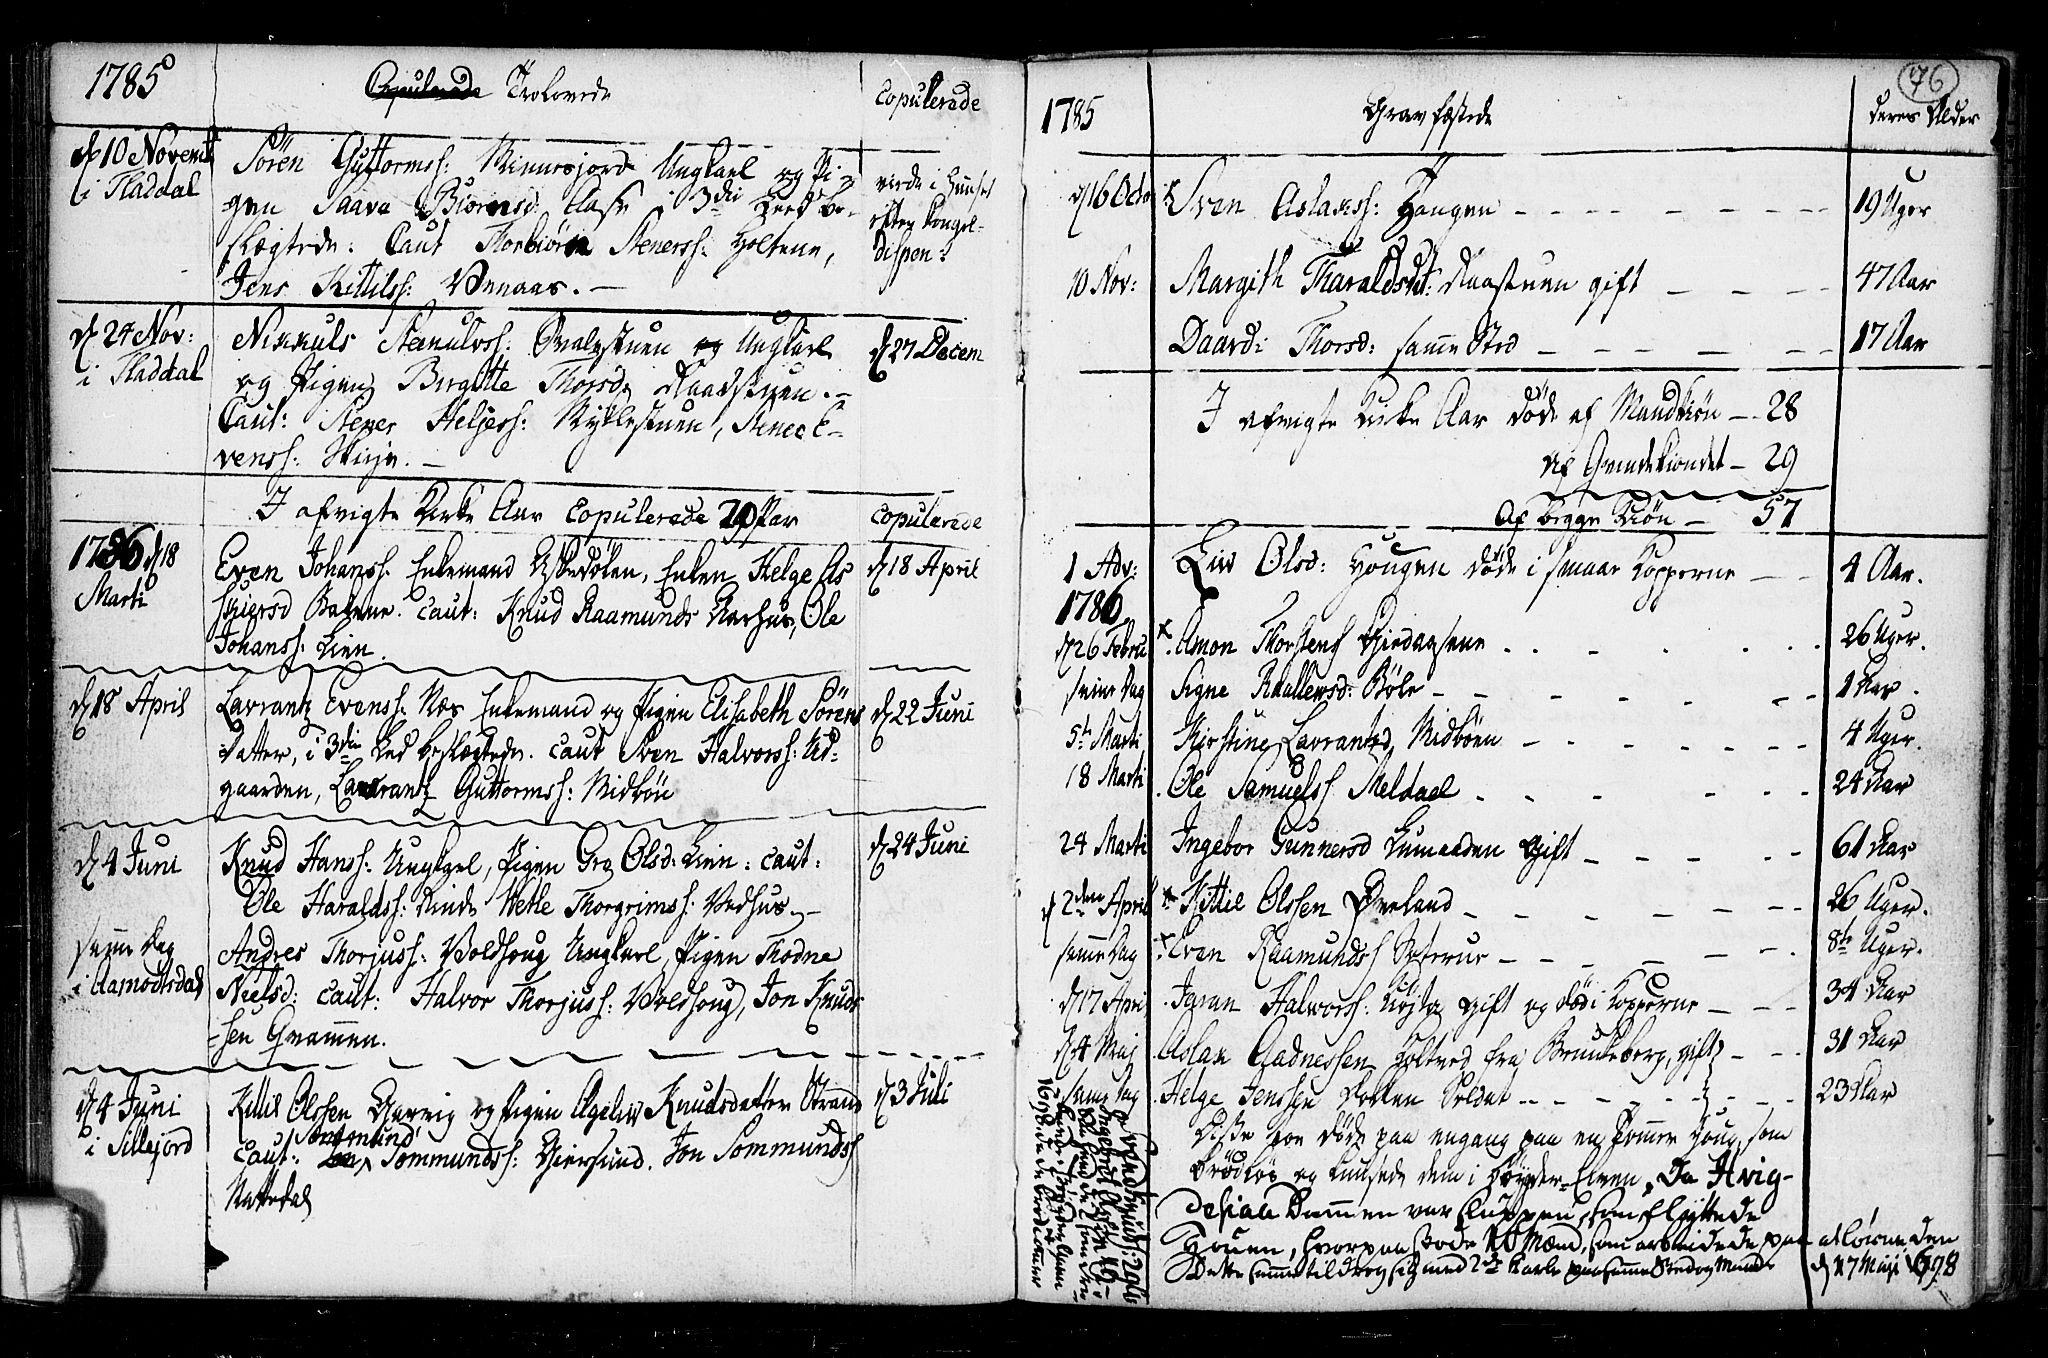 SAKO, Seljord kirkebøker, F/Fa/L0008: Ministerialbok nr. I 8, 1755-1814, s. 76